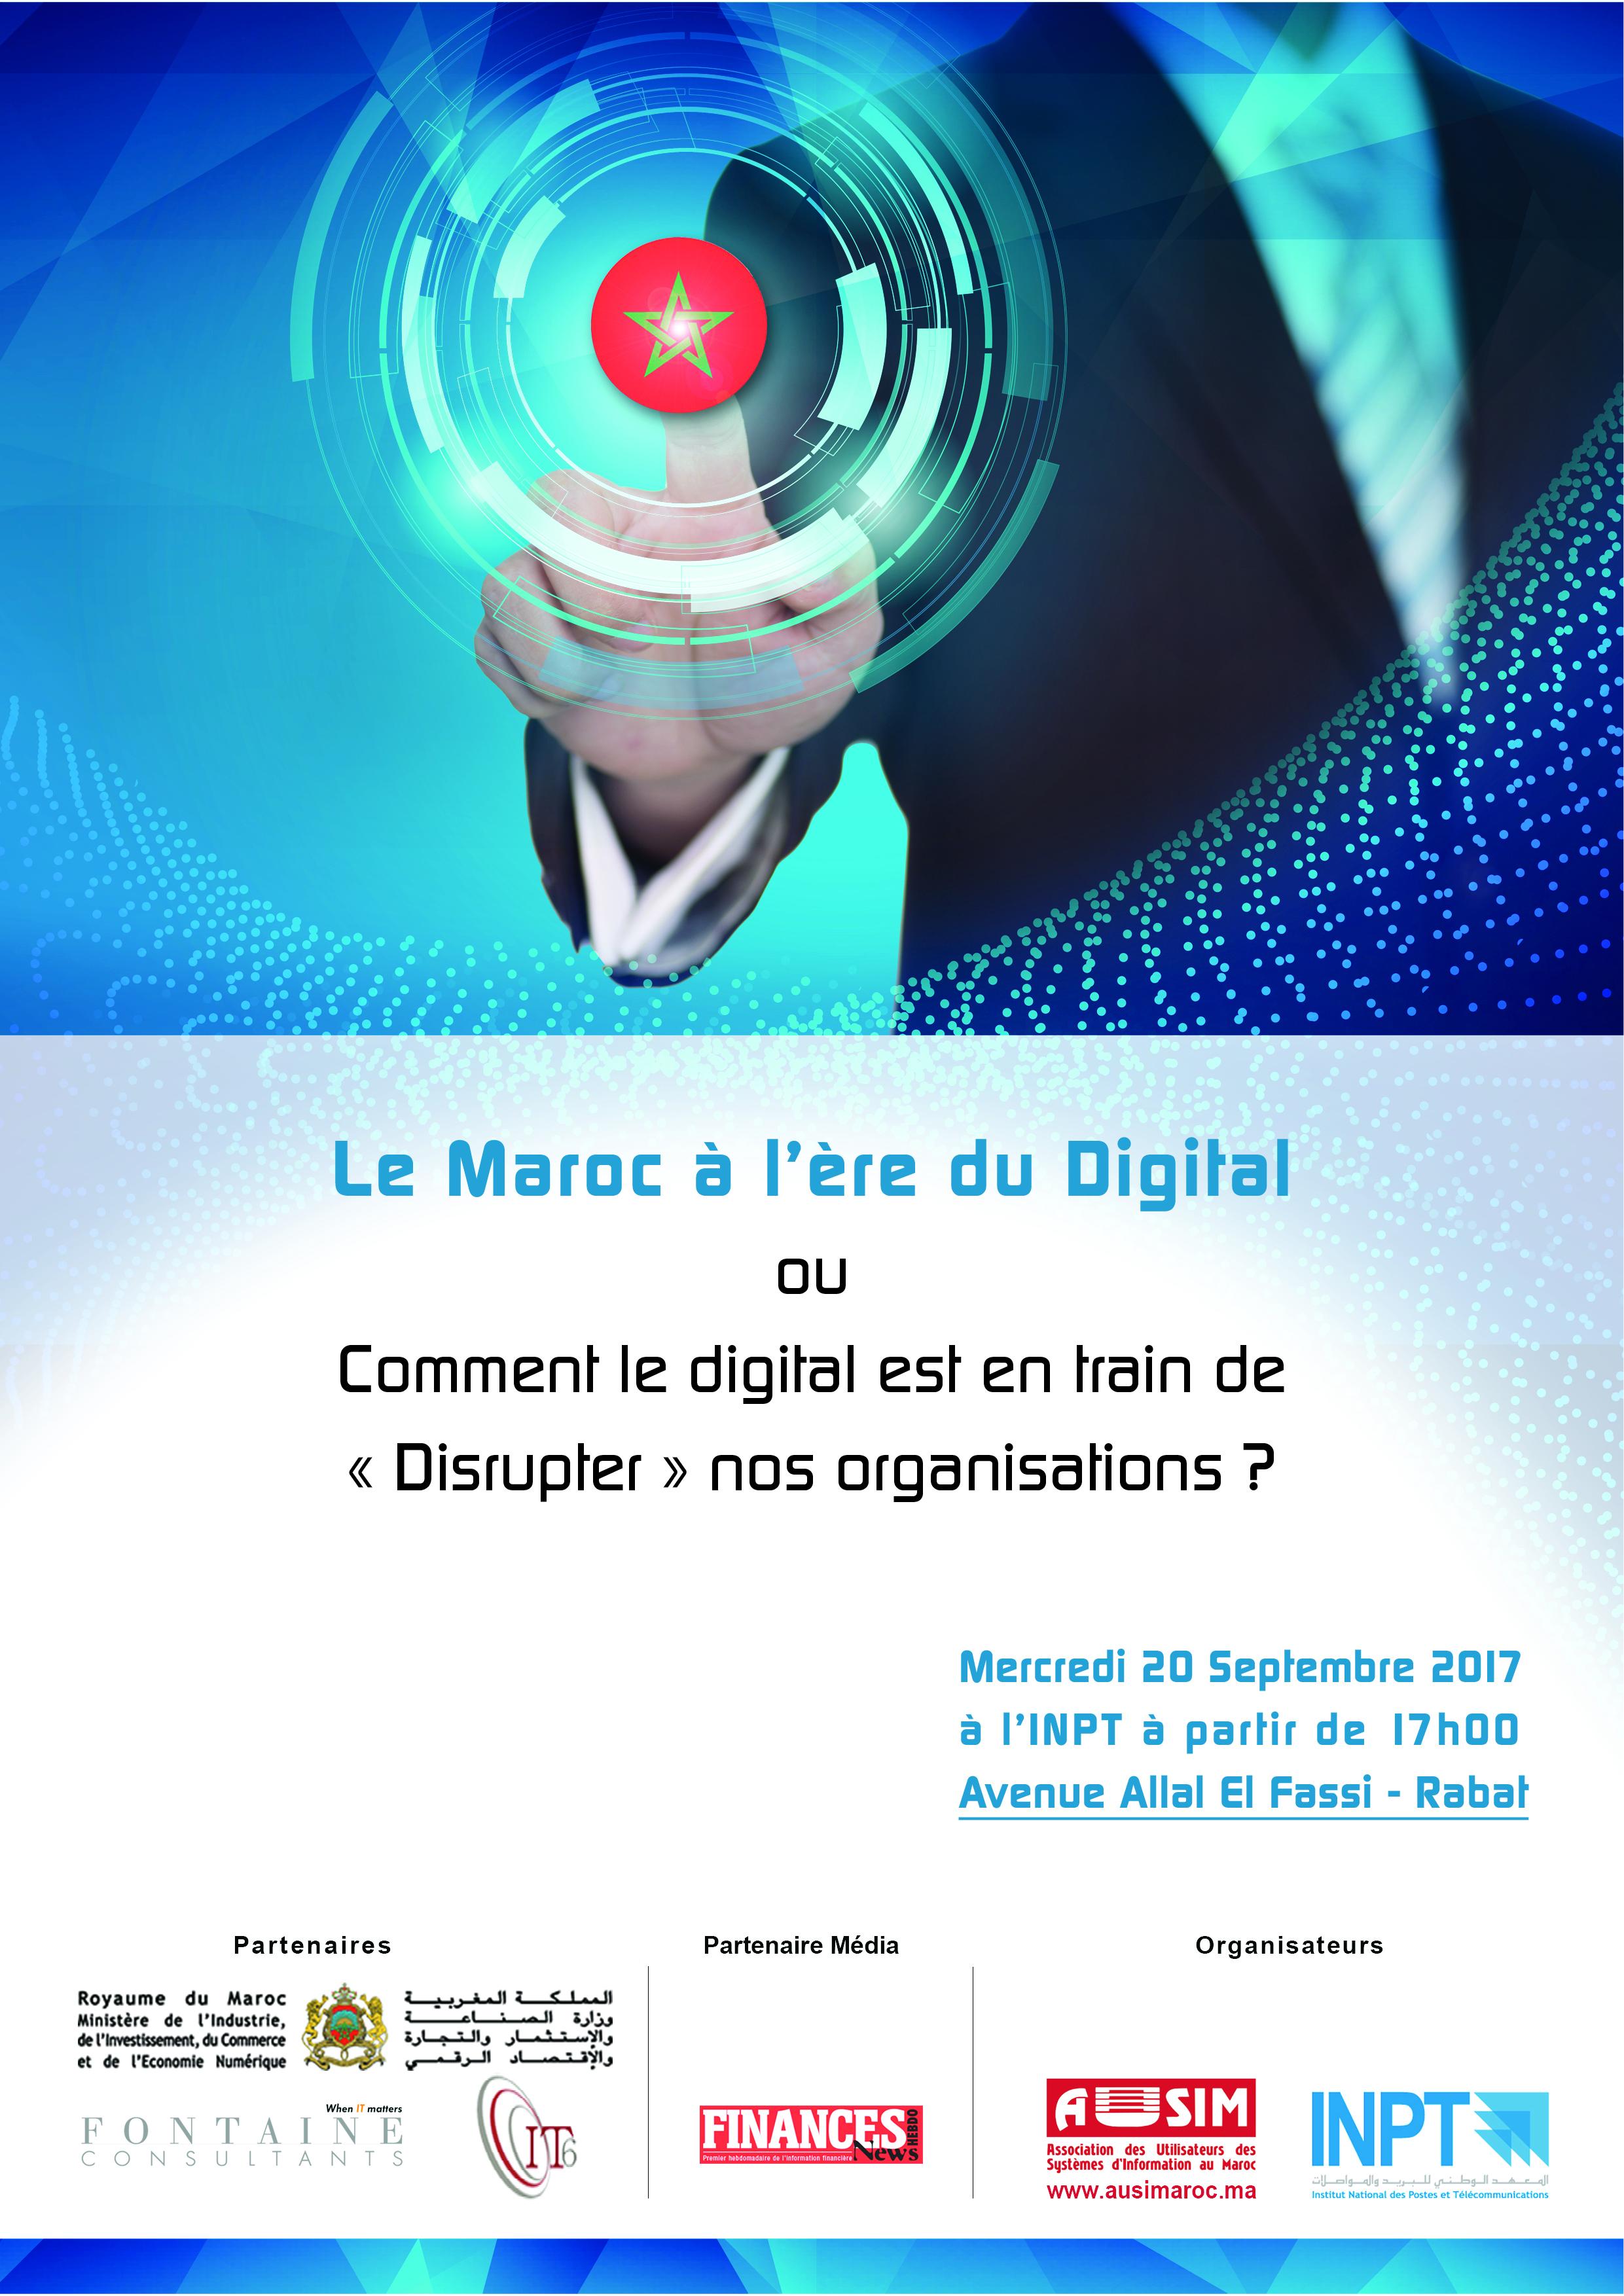 Le Maroc à l'ère du Digital